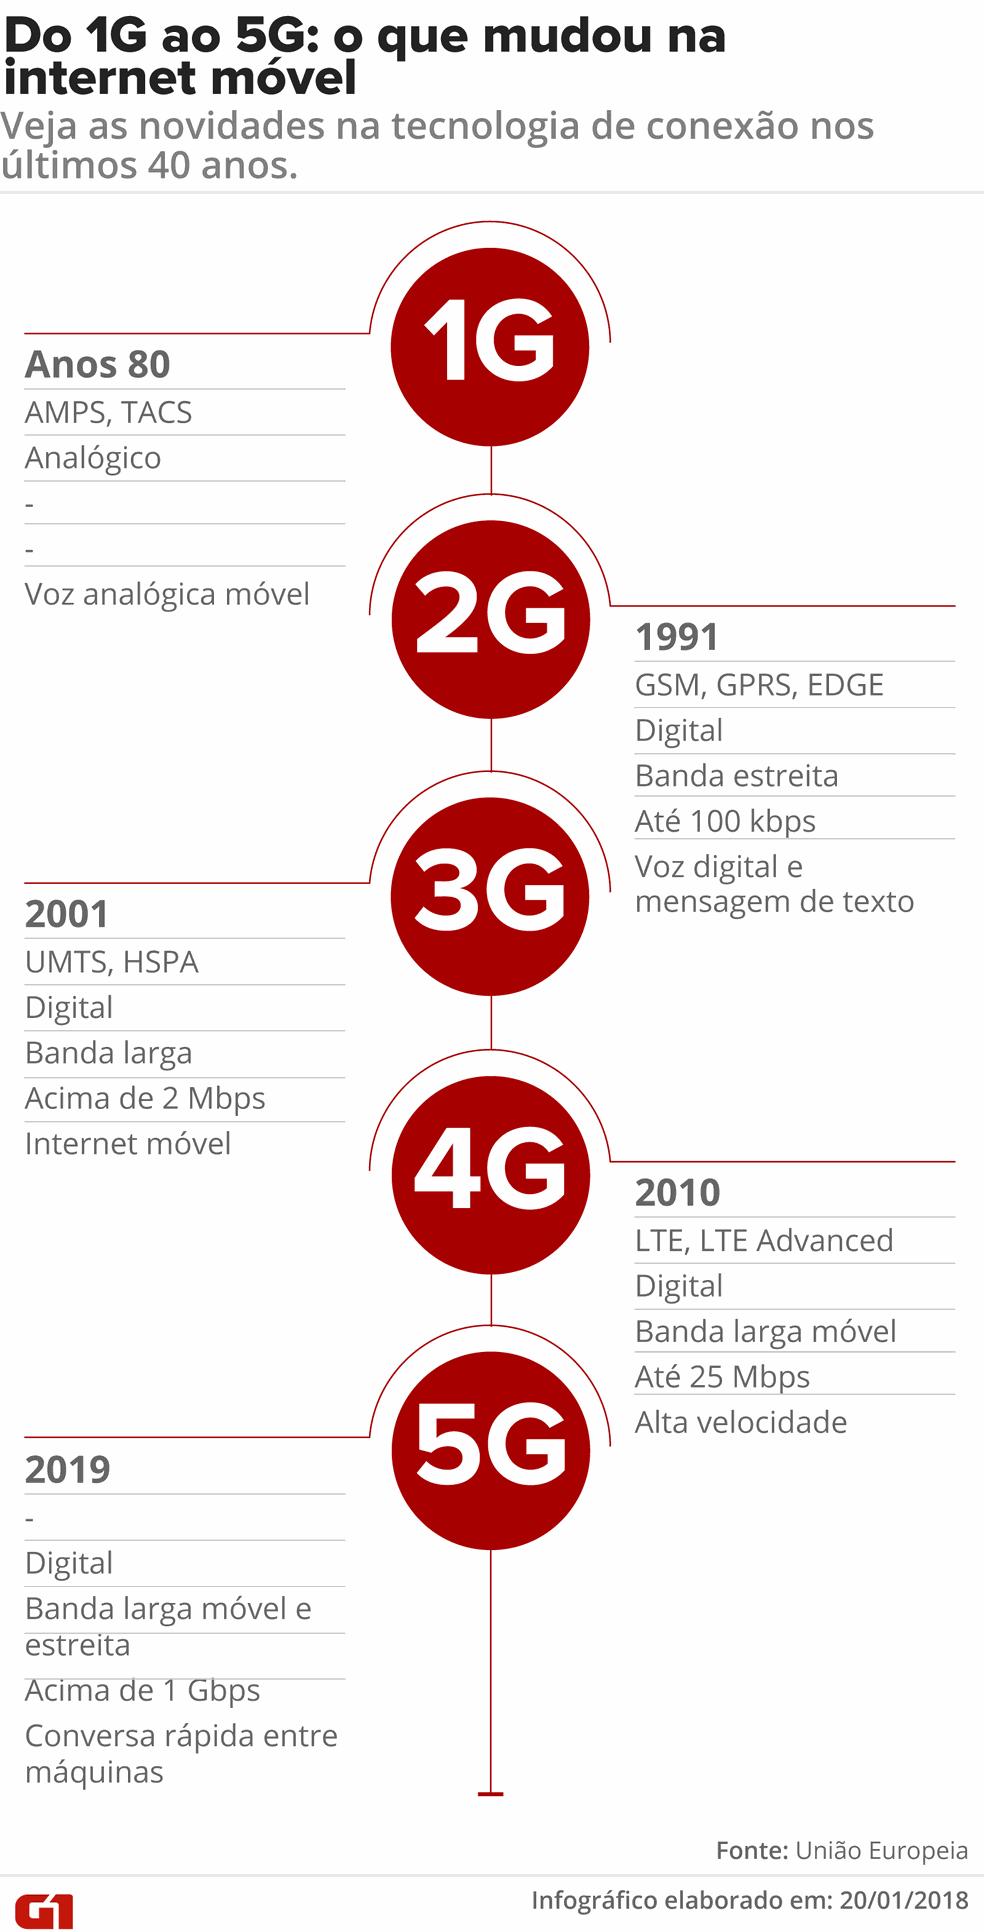 Infográfico mostra o que mudou na internet móvel ao longo dos anos (Foto: Fernanda Garrafiel/G1)